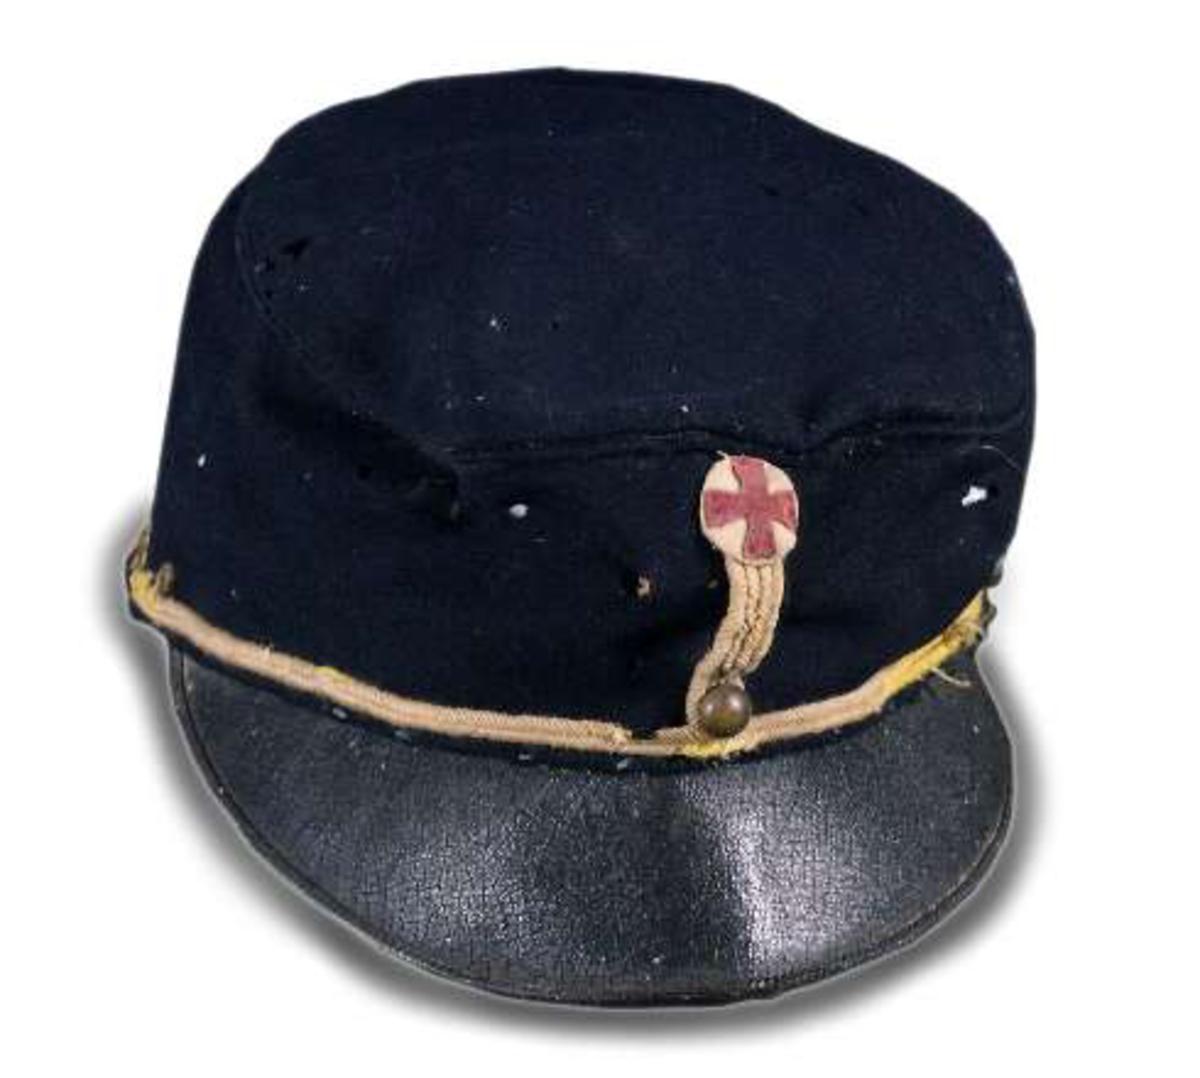 """Uniformsmössa av mörkblått kläde. """"Modell 1895"""". För kavalleri. Liten svart skärm. Gula snoddar. Tre runda ärgade knappar. Mitt fram sitter kompanimärket, rund tygrundel med rött kors."""